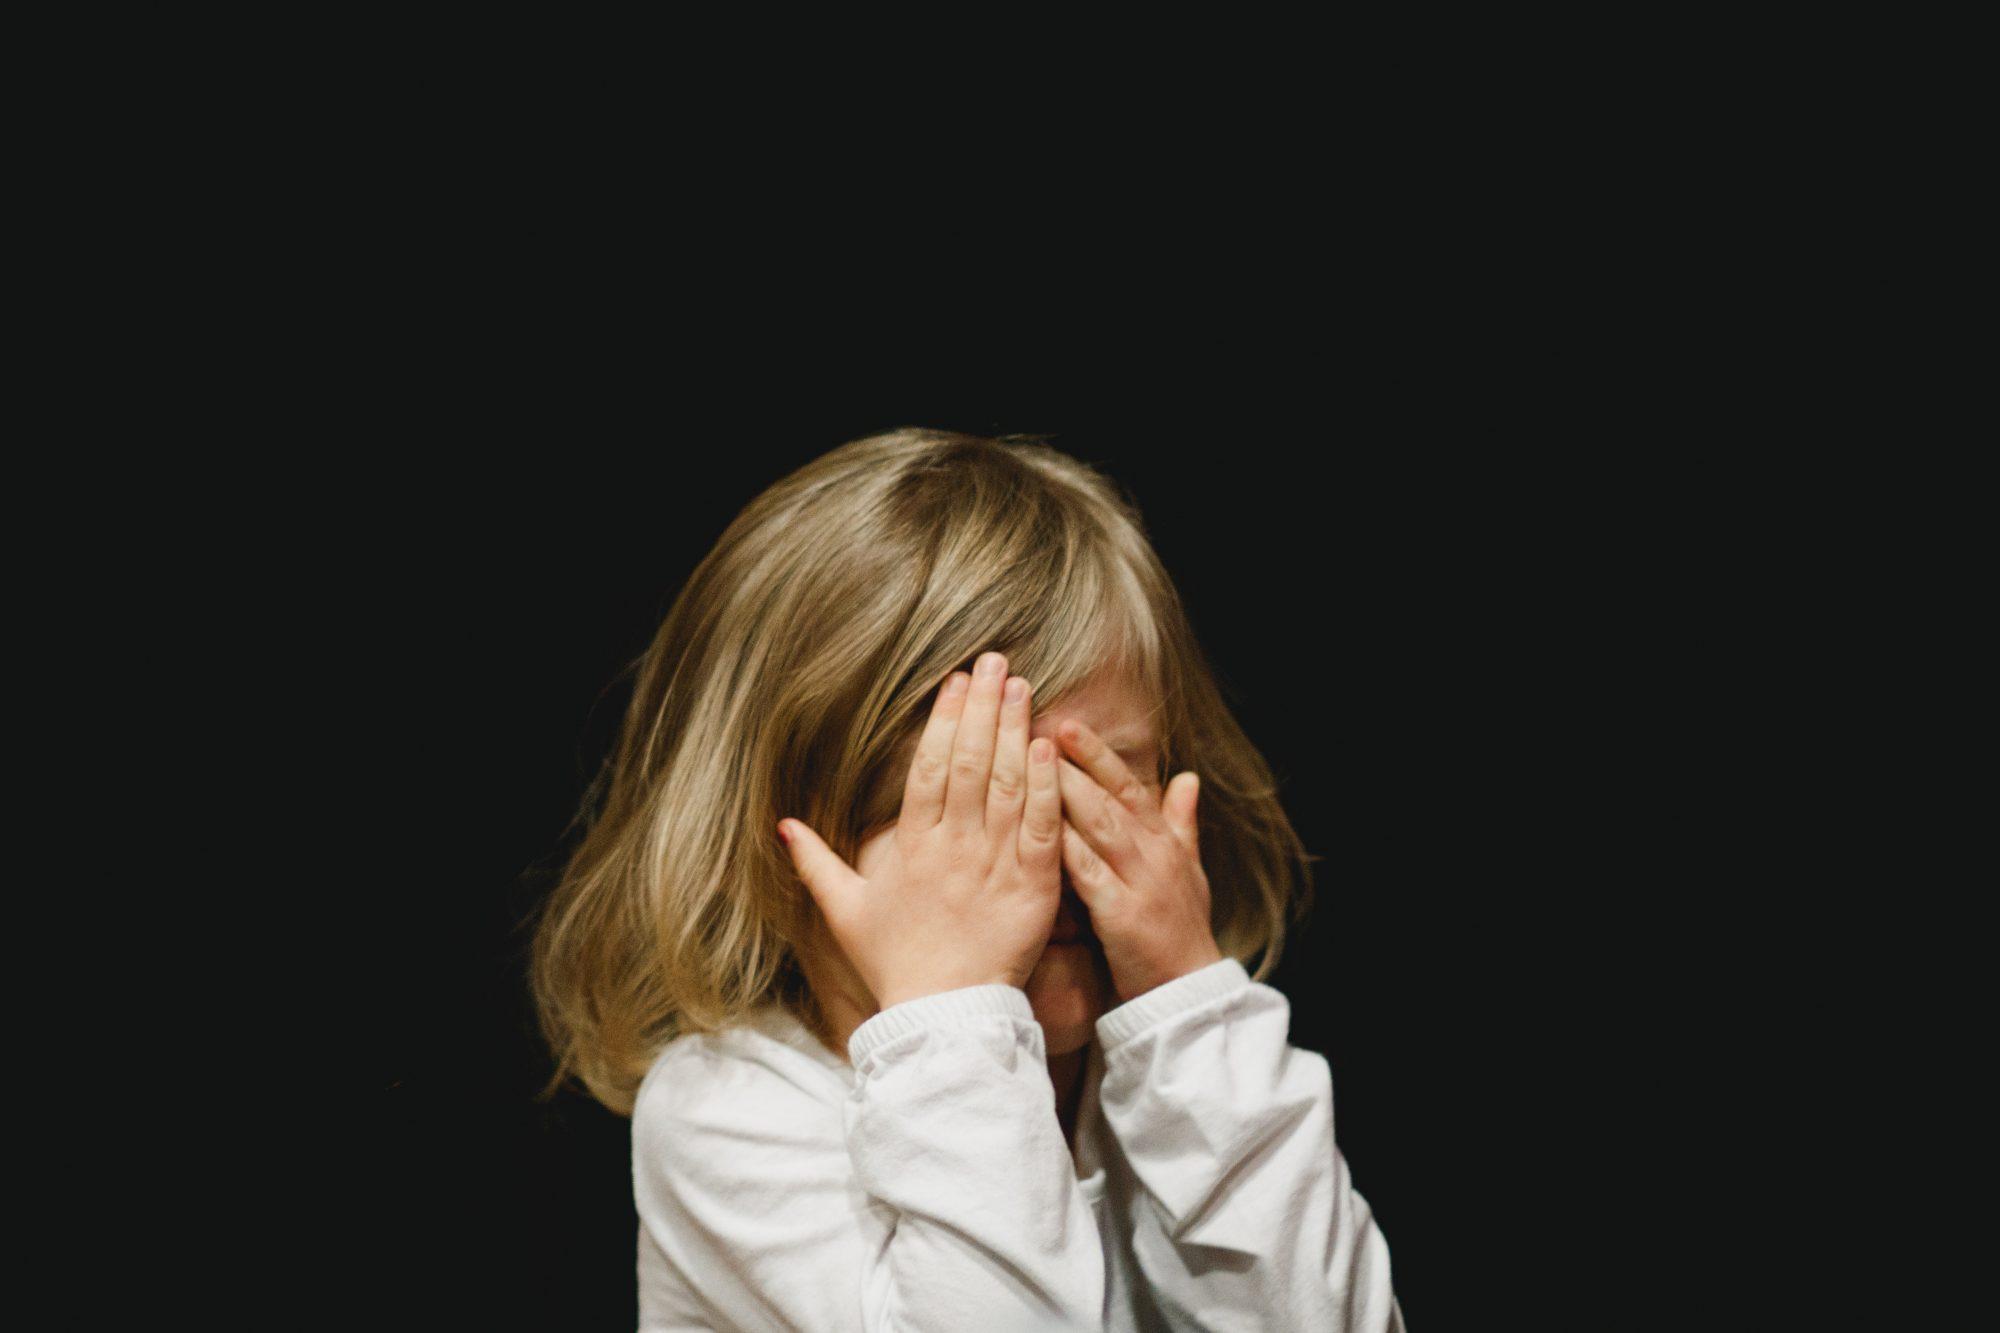 Lastenpsykiatrinen hoito on turvattava viivytyksettä